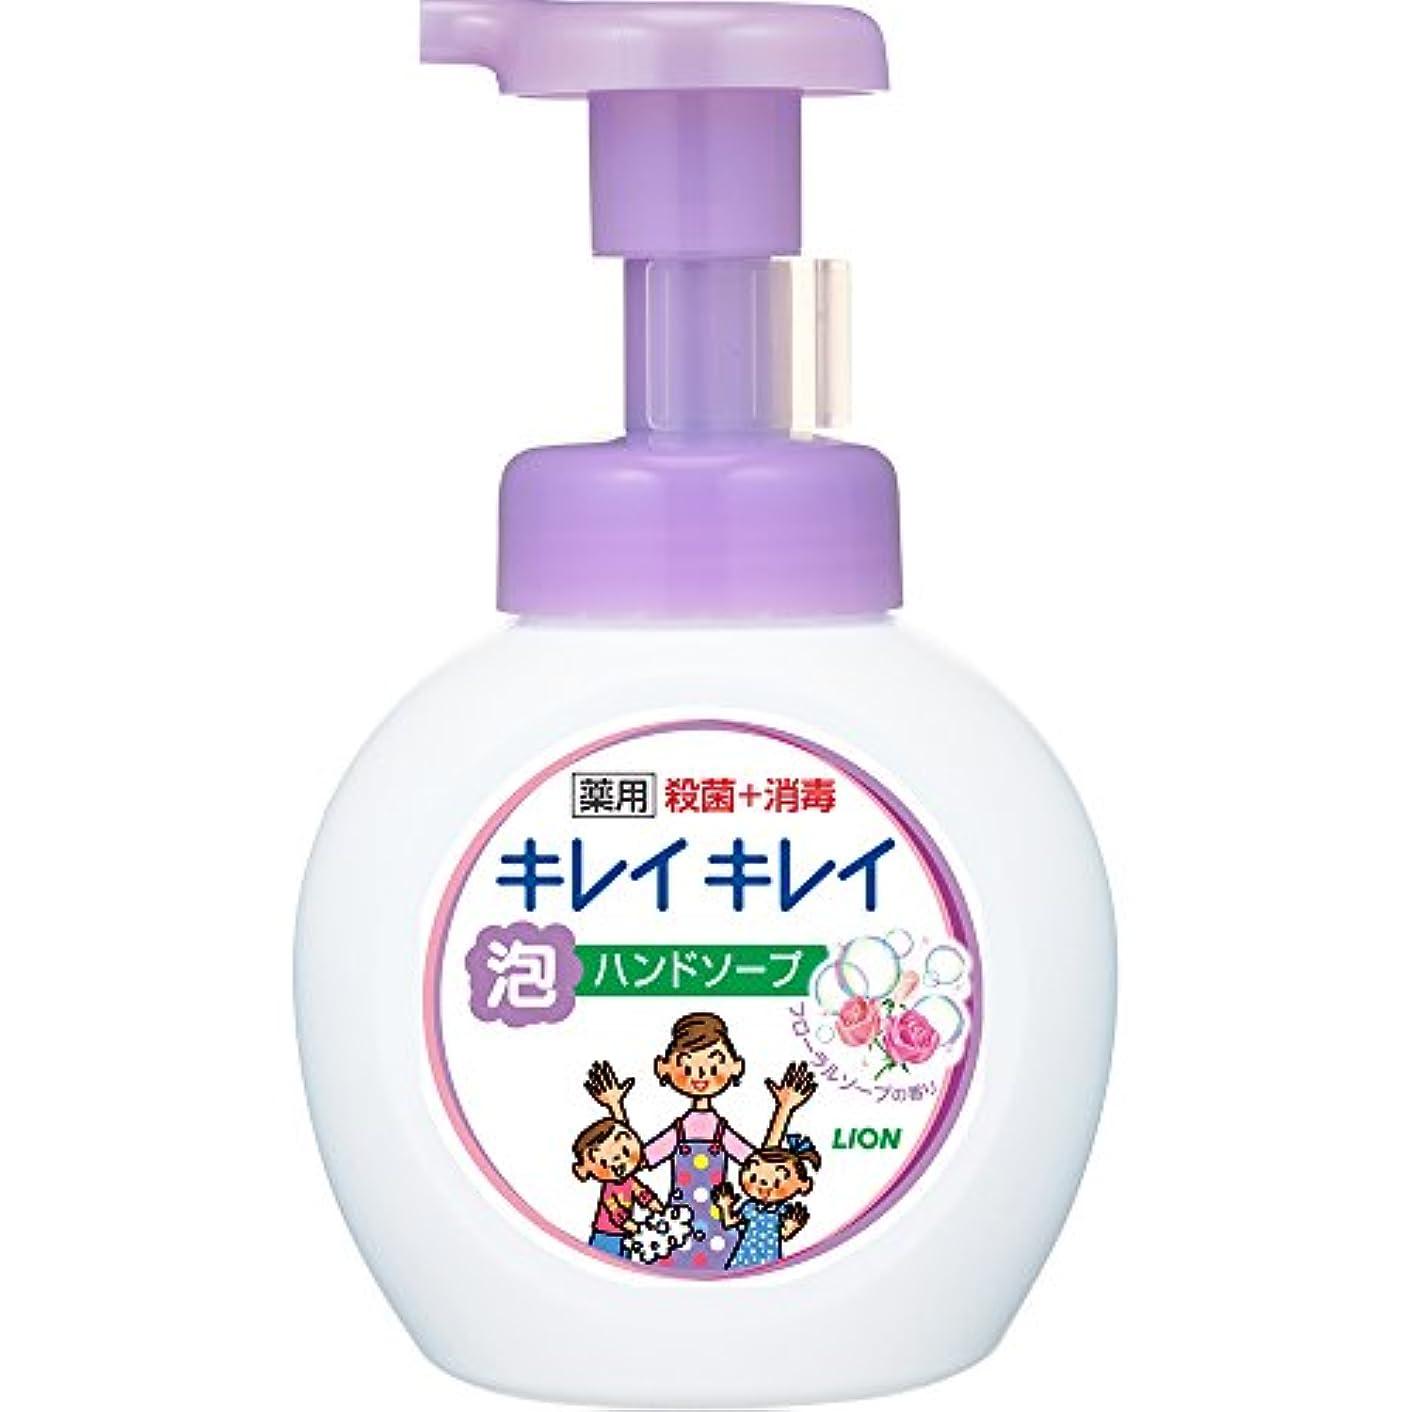 支配する追記バーゲンキレイキレイ 薬用 泡ハンドソープ フローラルソープの香り 本体ポンプ 250ml(医薬部外品)